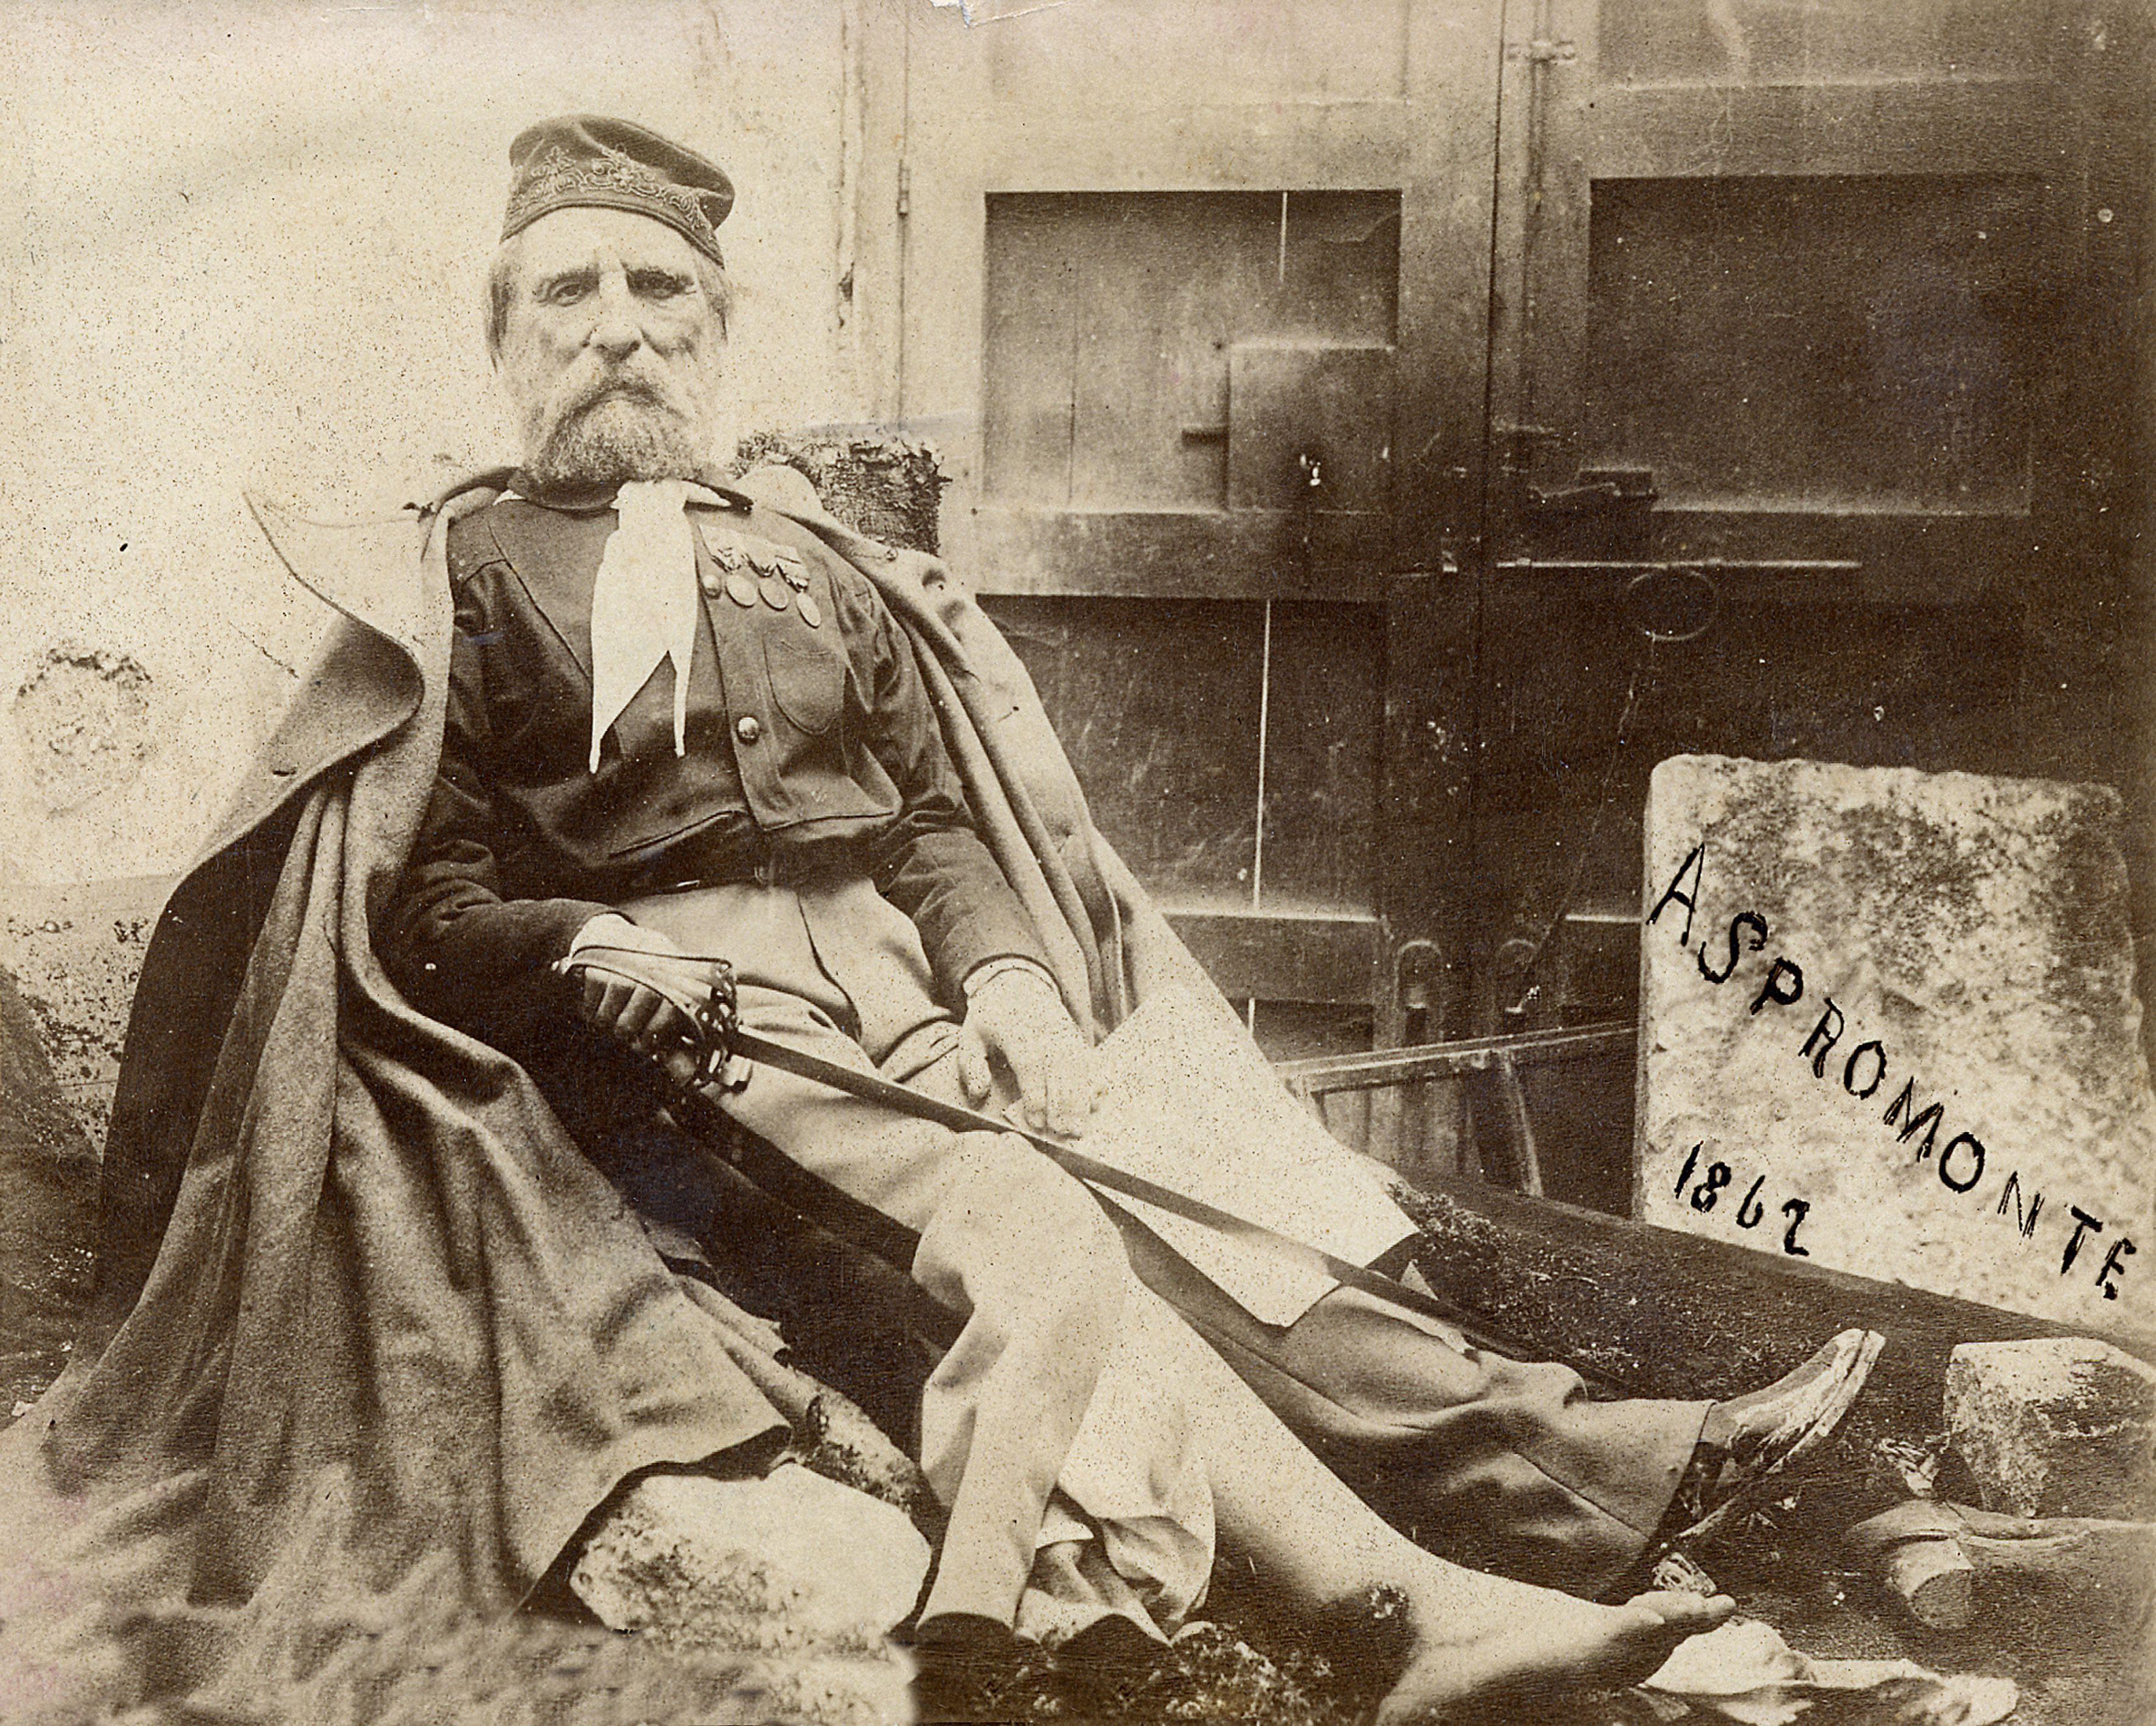 Giuseppe Garibaldi in Aspromonte